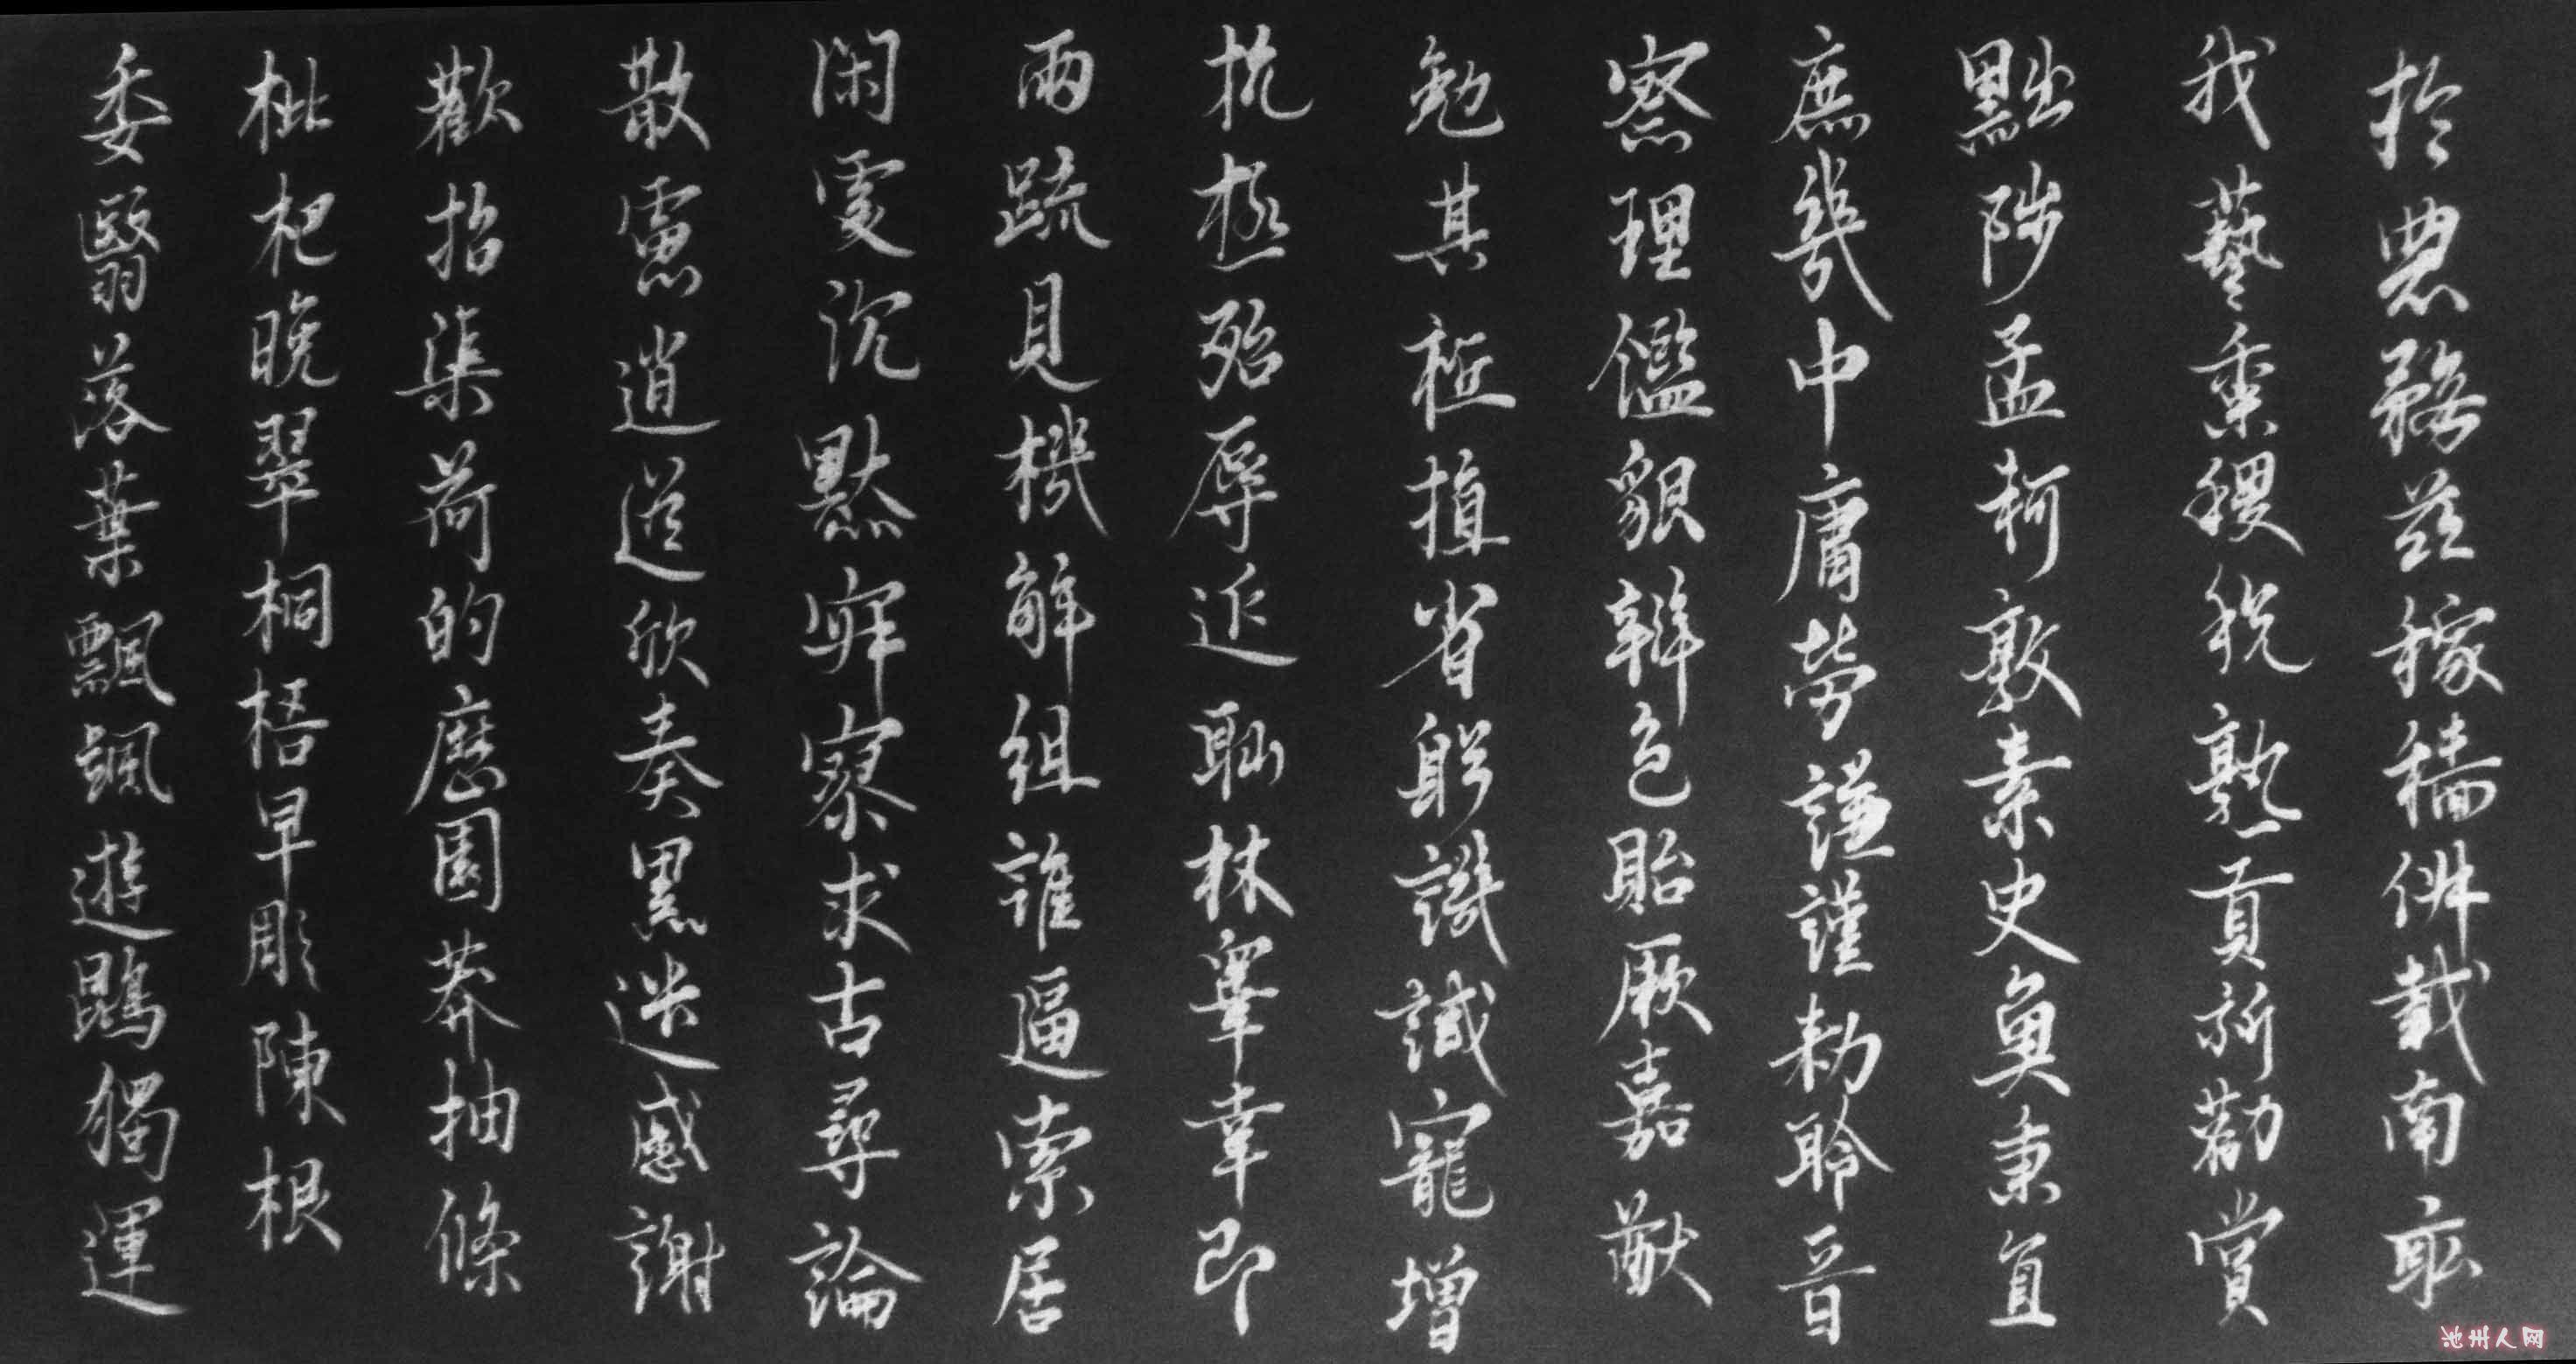 翁字 壁纸